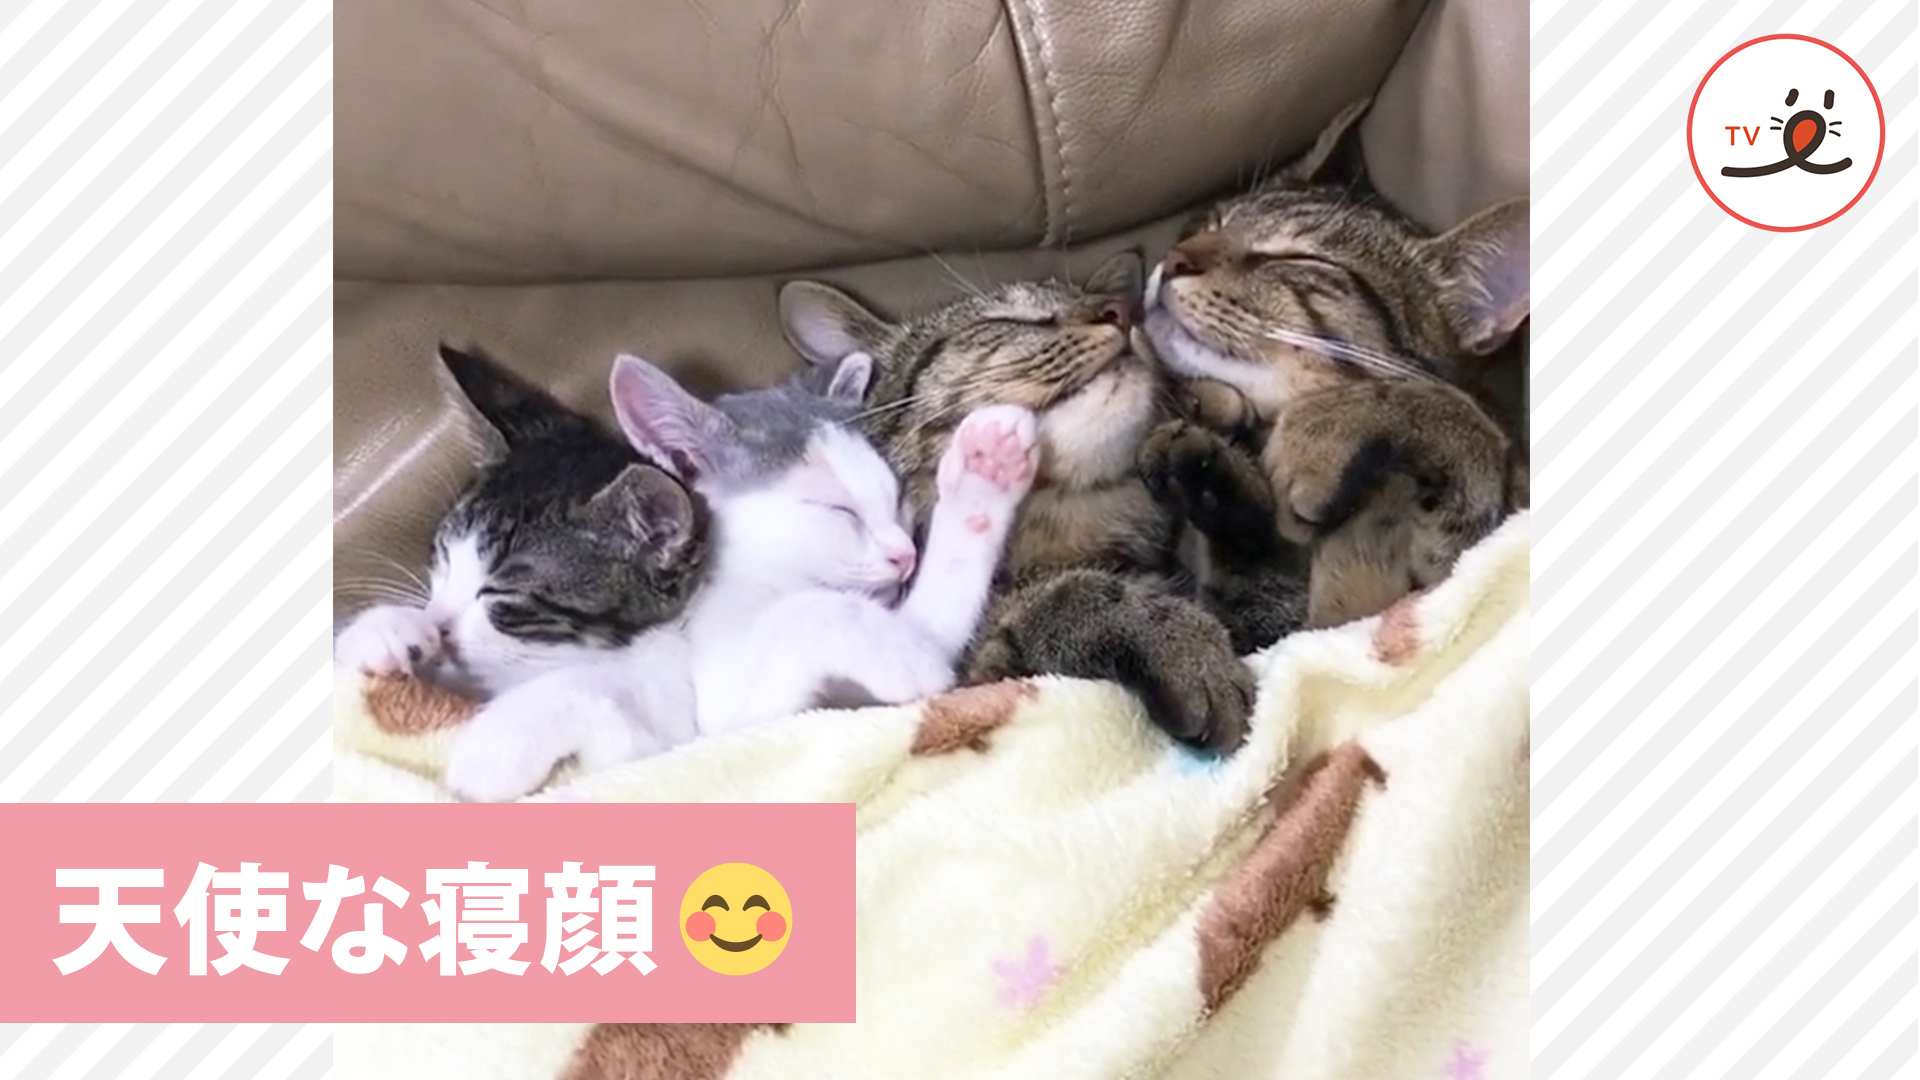 見ていたら思わず笑みが溢れる😳 ニャンコ4匹の寝顔💕